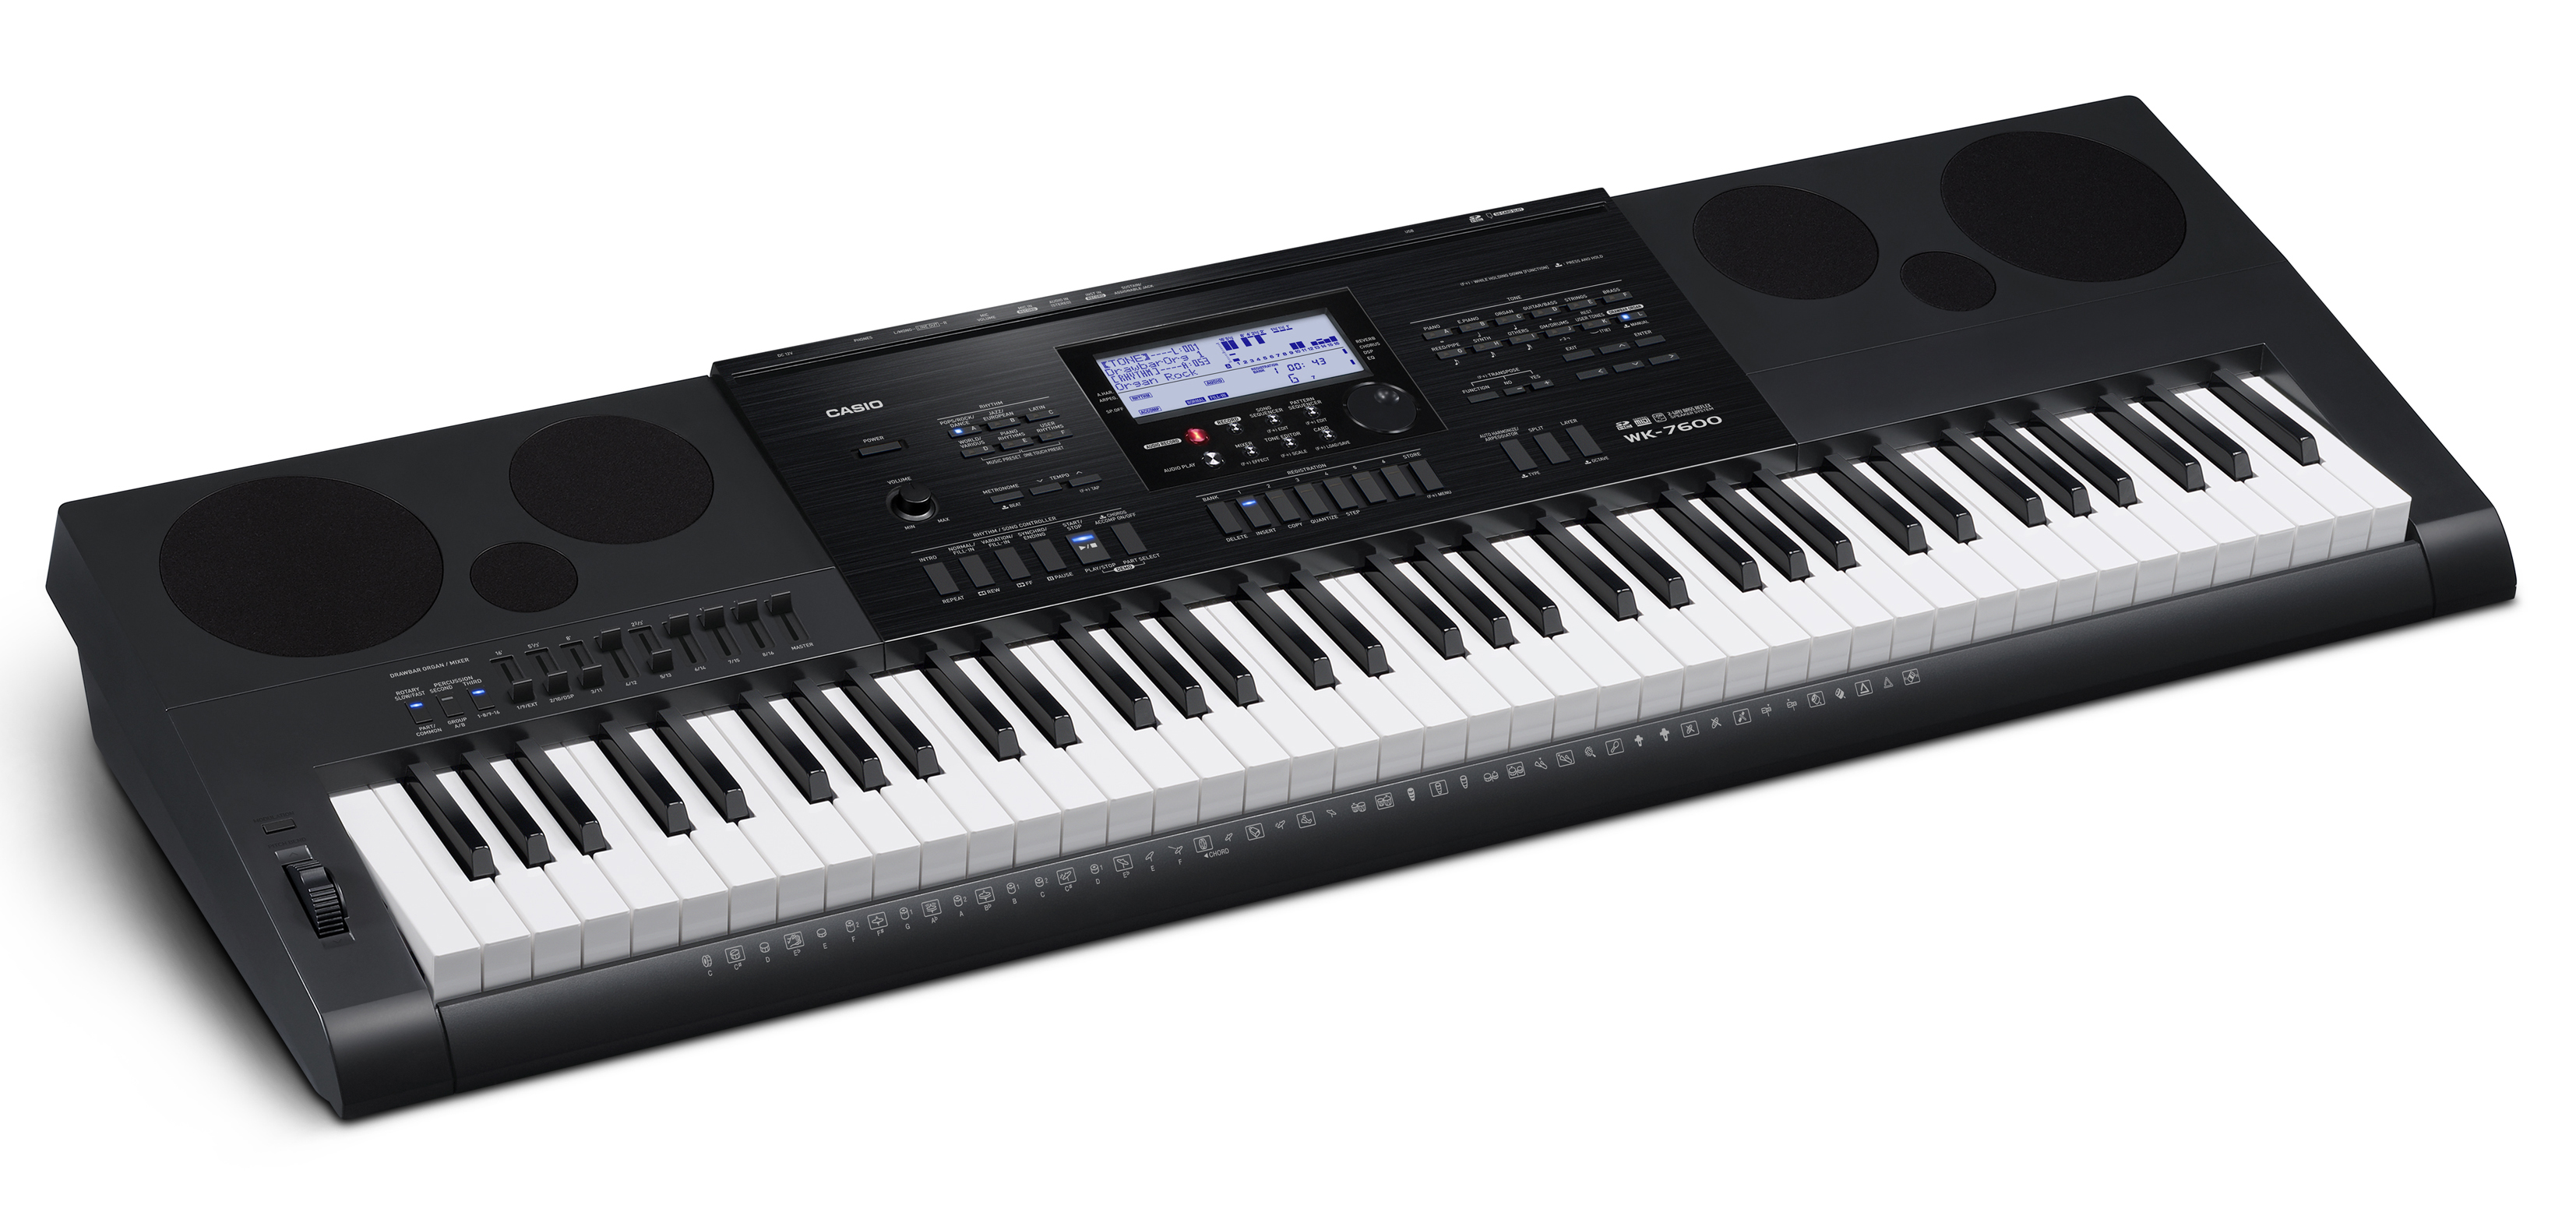 Casio WK-7600 Keyboard Workstation